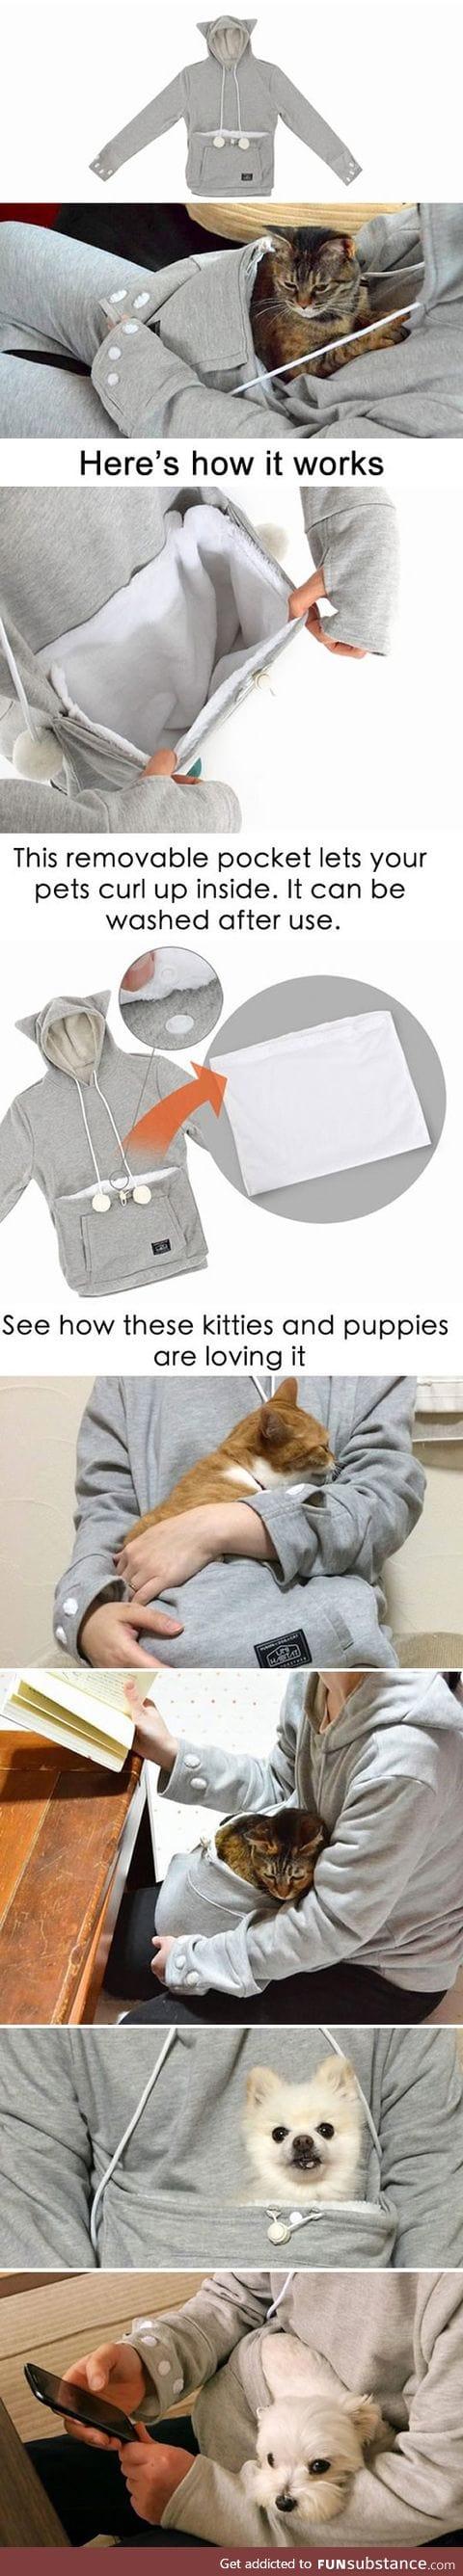 The new amazing 'meowgaroo' hoodie